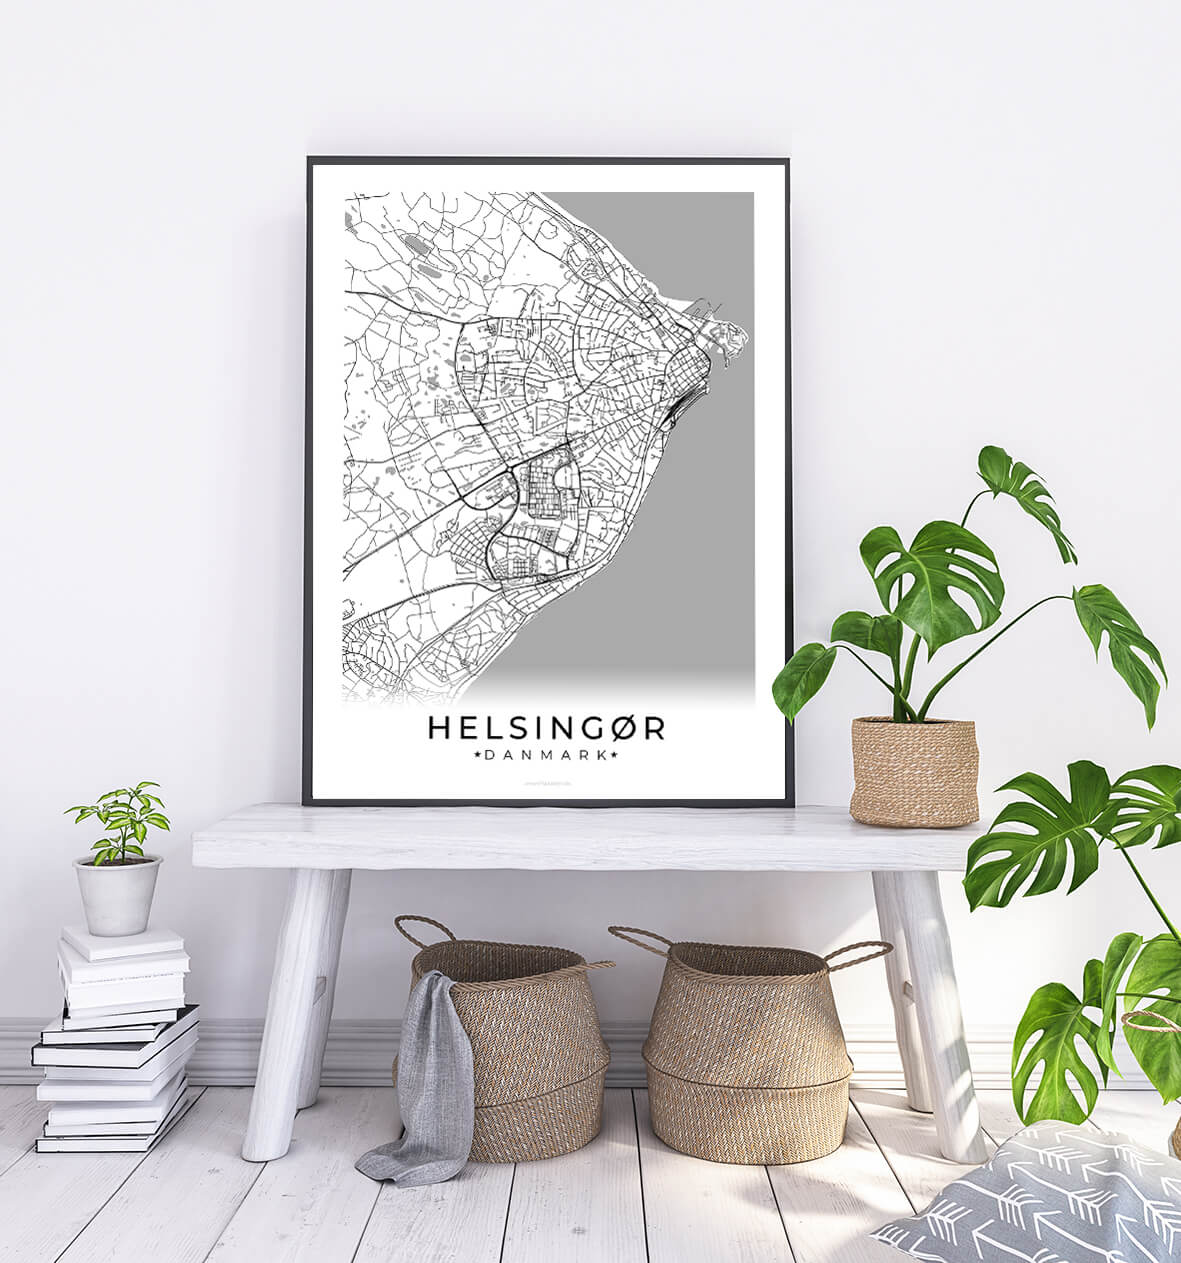 Helsingoer-hvid-byplakat-1